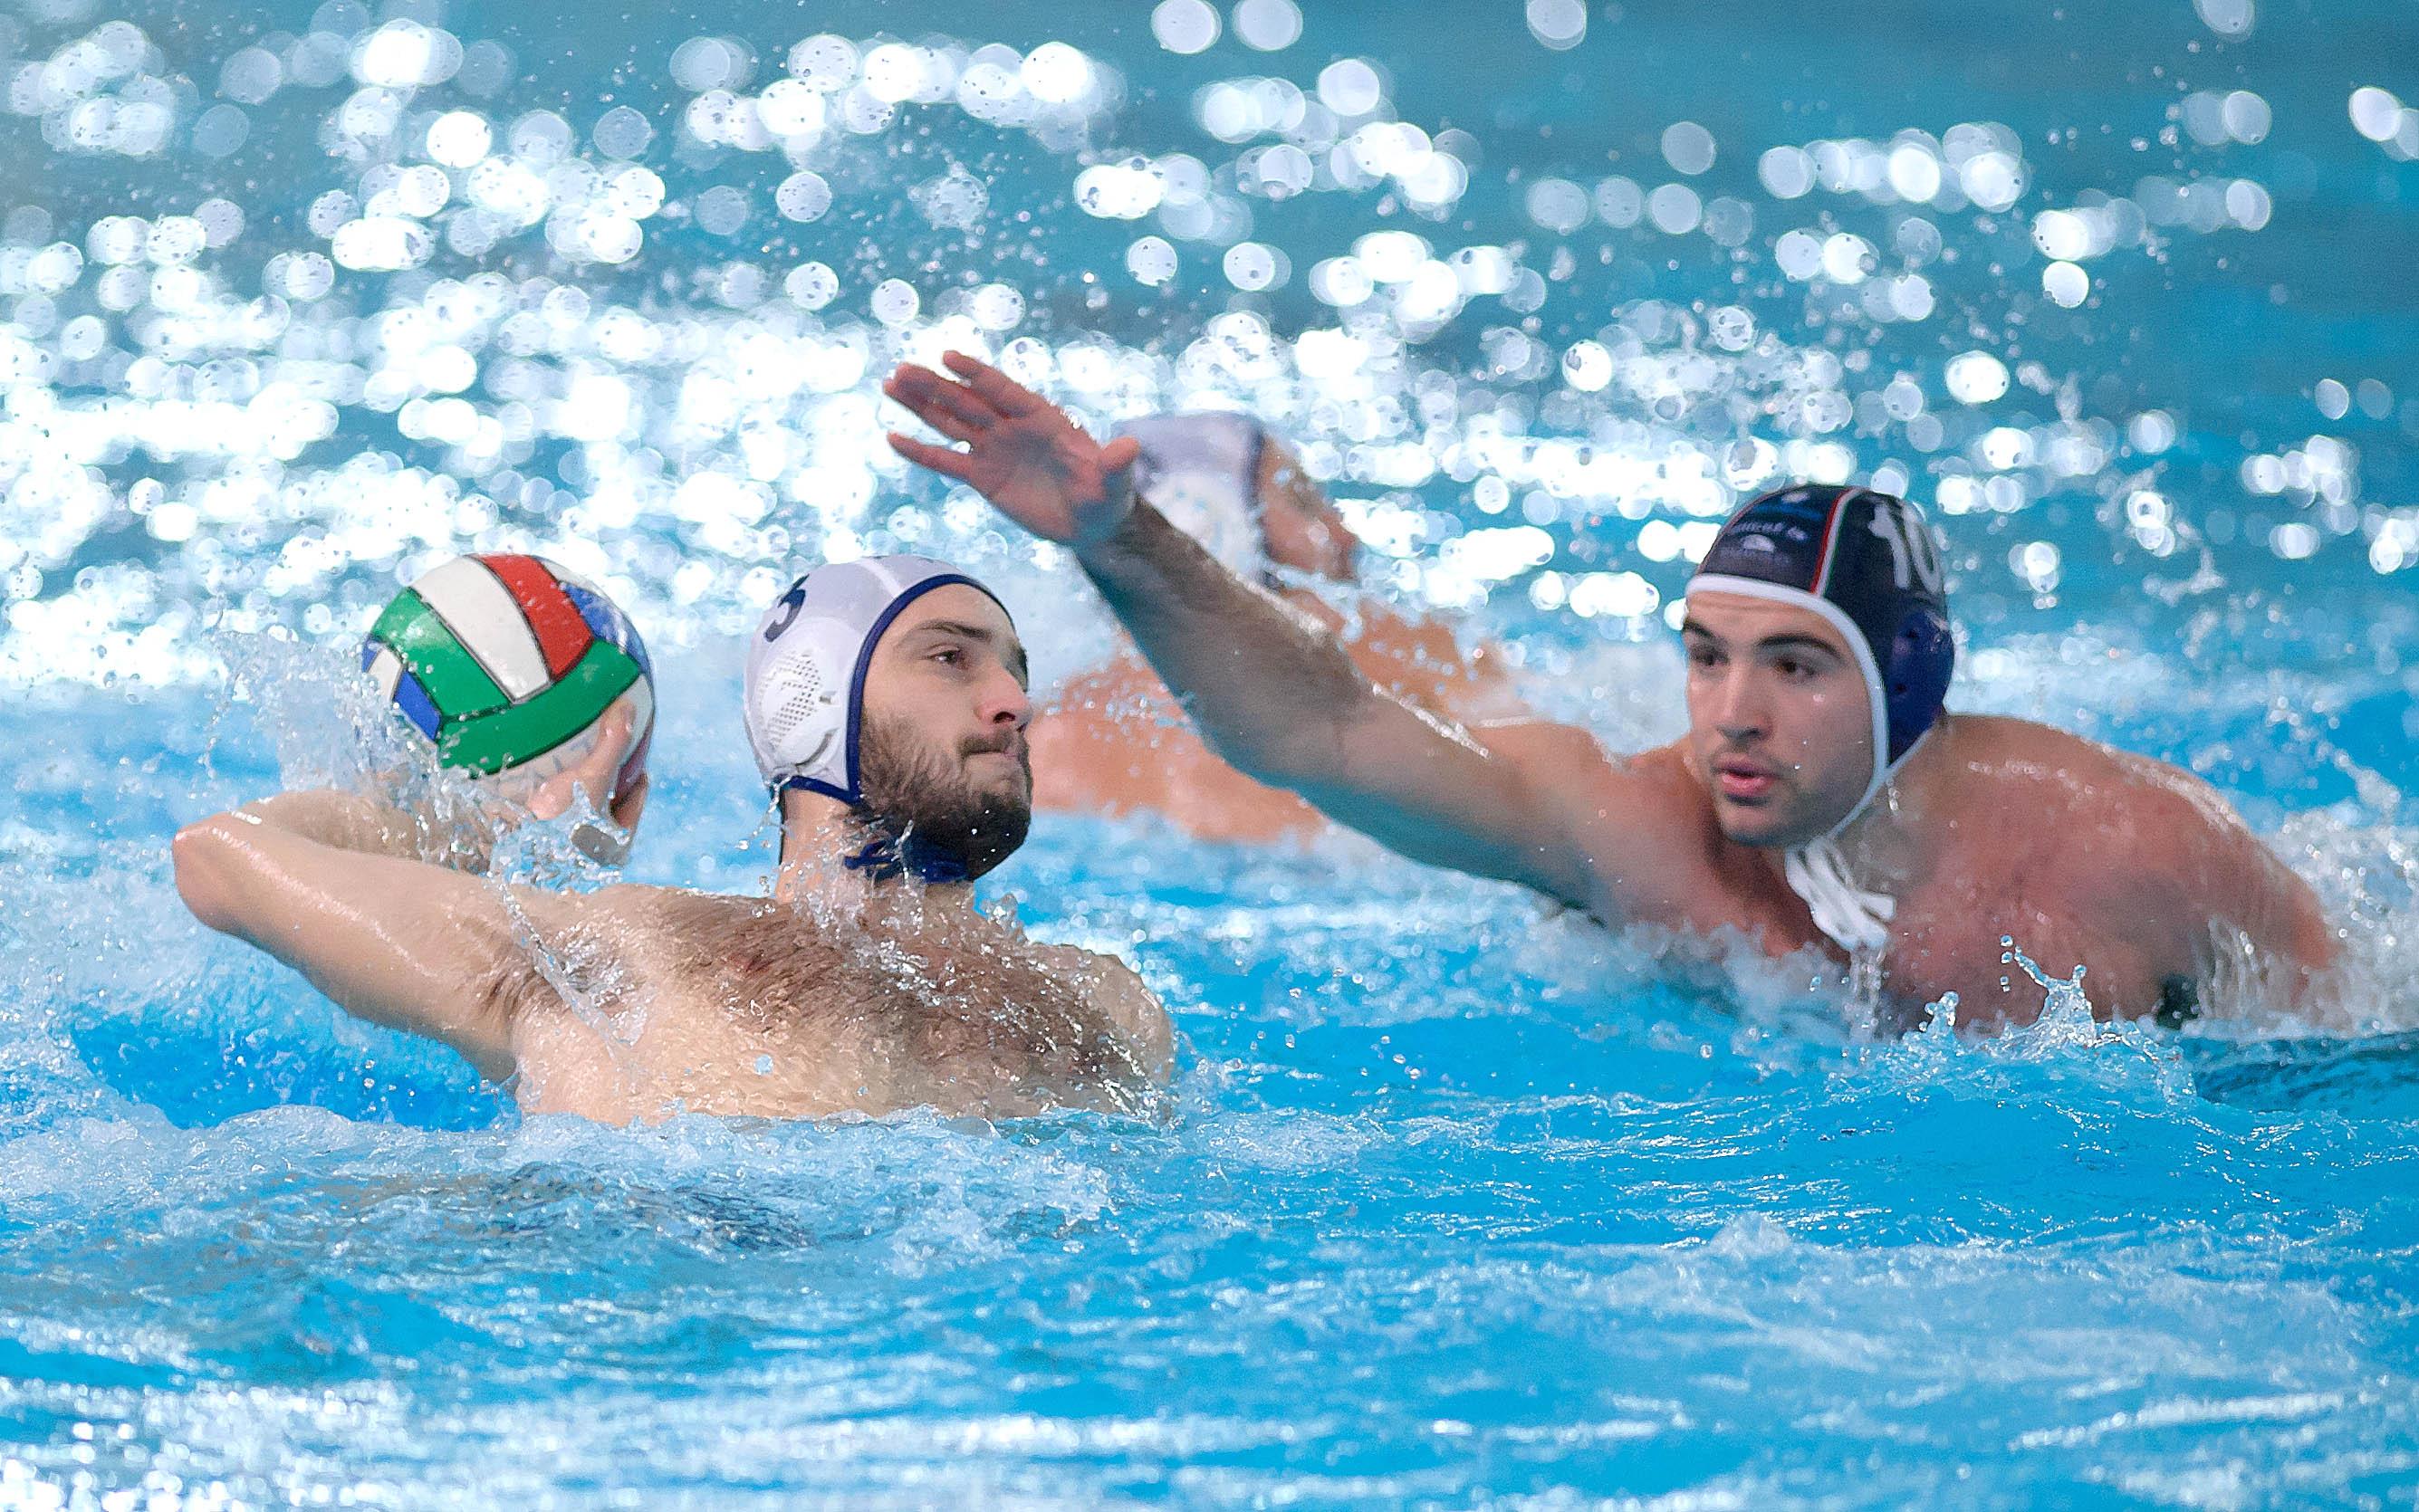 La Pro Recco è inarrestabile, la Pallanuoto Trieste si arrende (10-1) ai campioni d'Italia e d'Europa in carica. Alabardati sempre all'ottavo posto